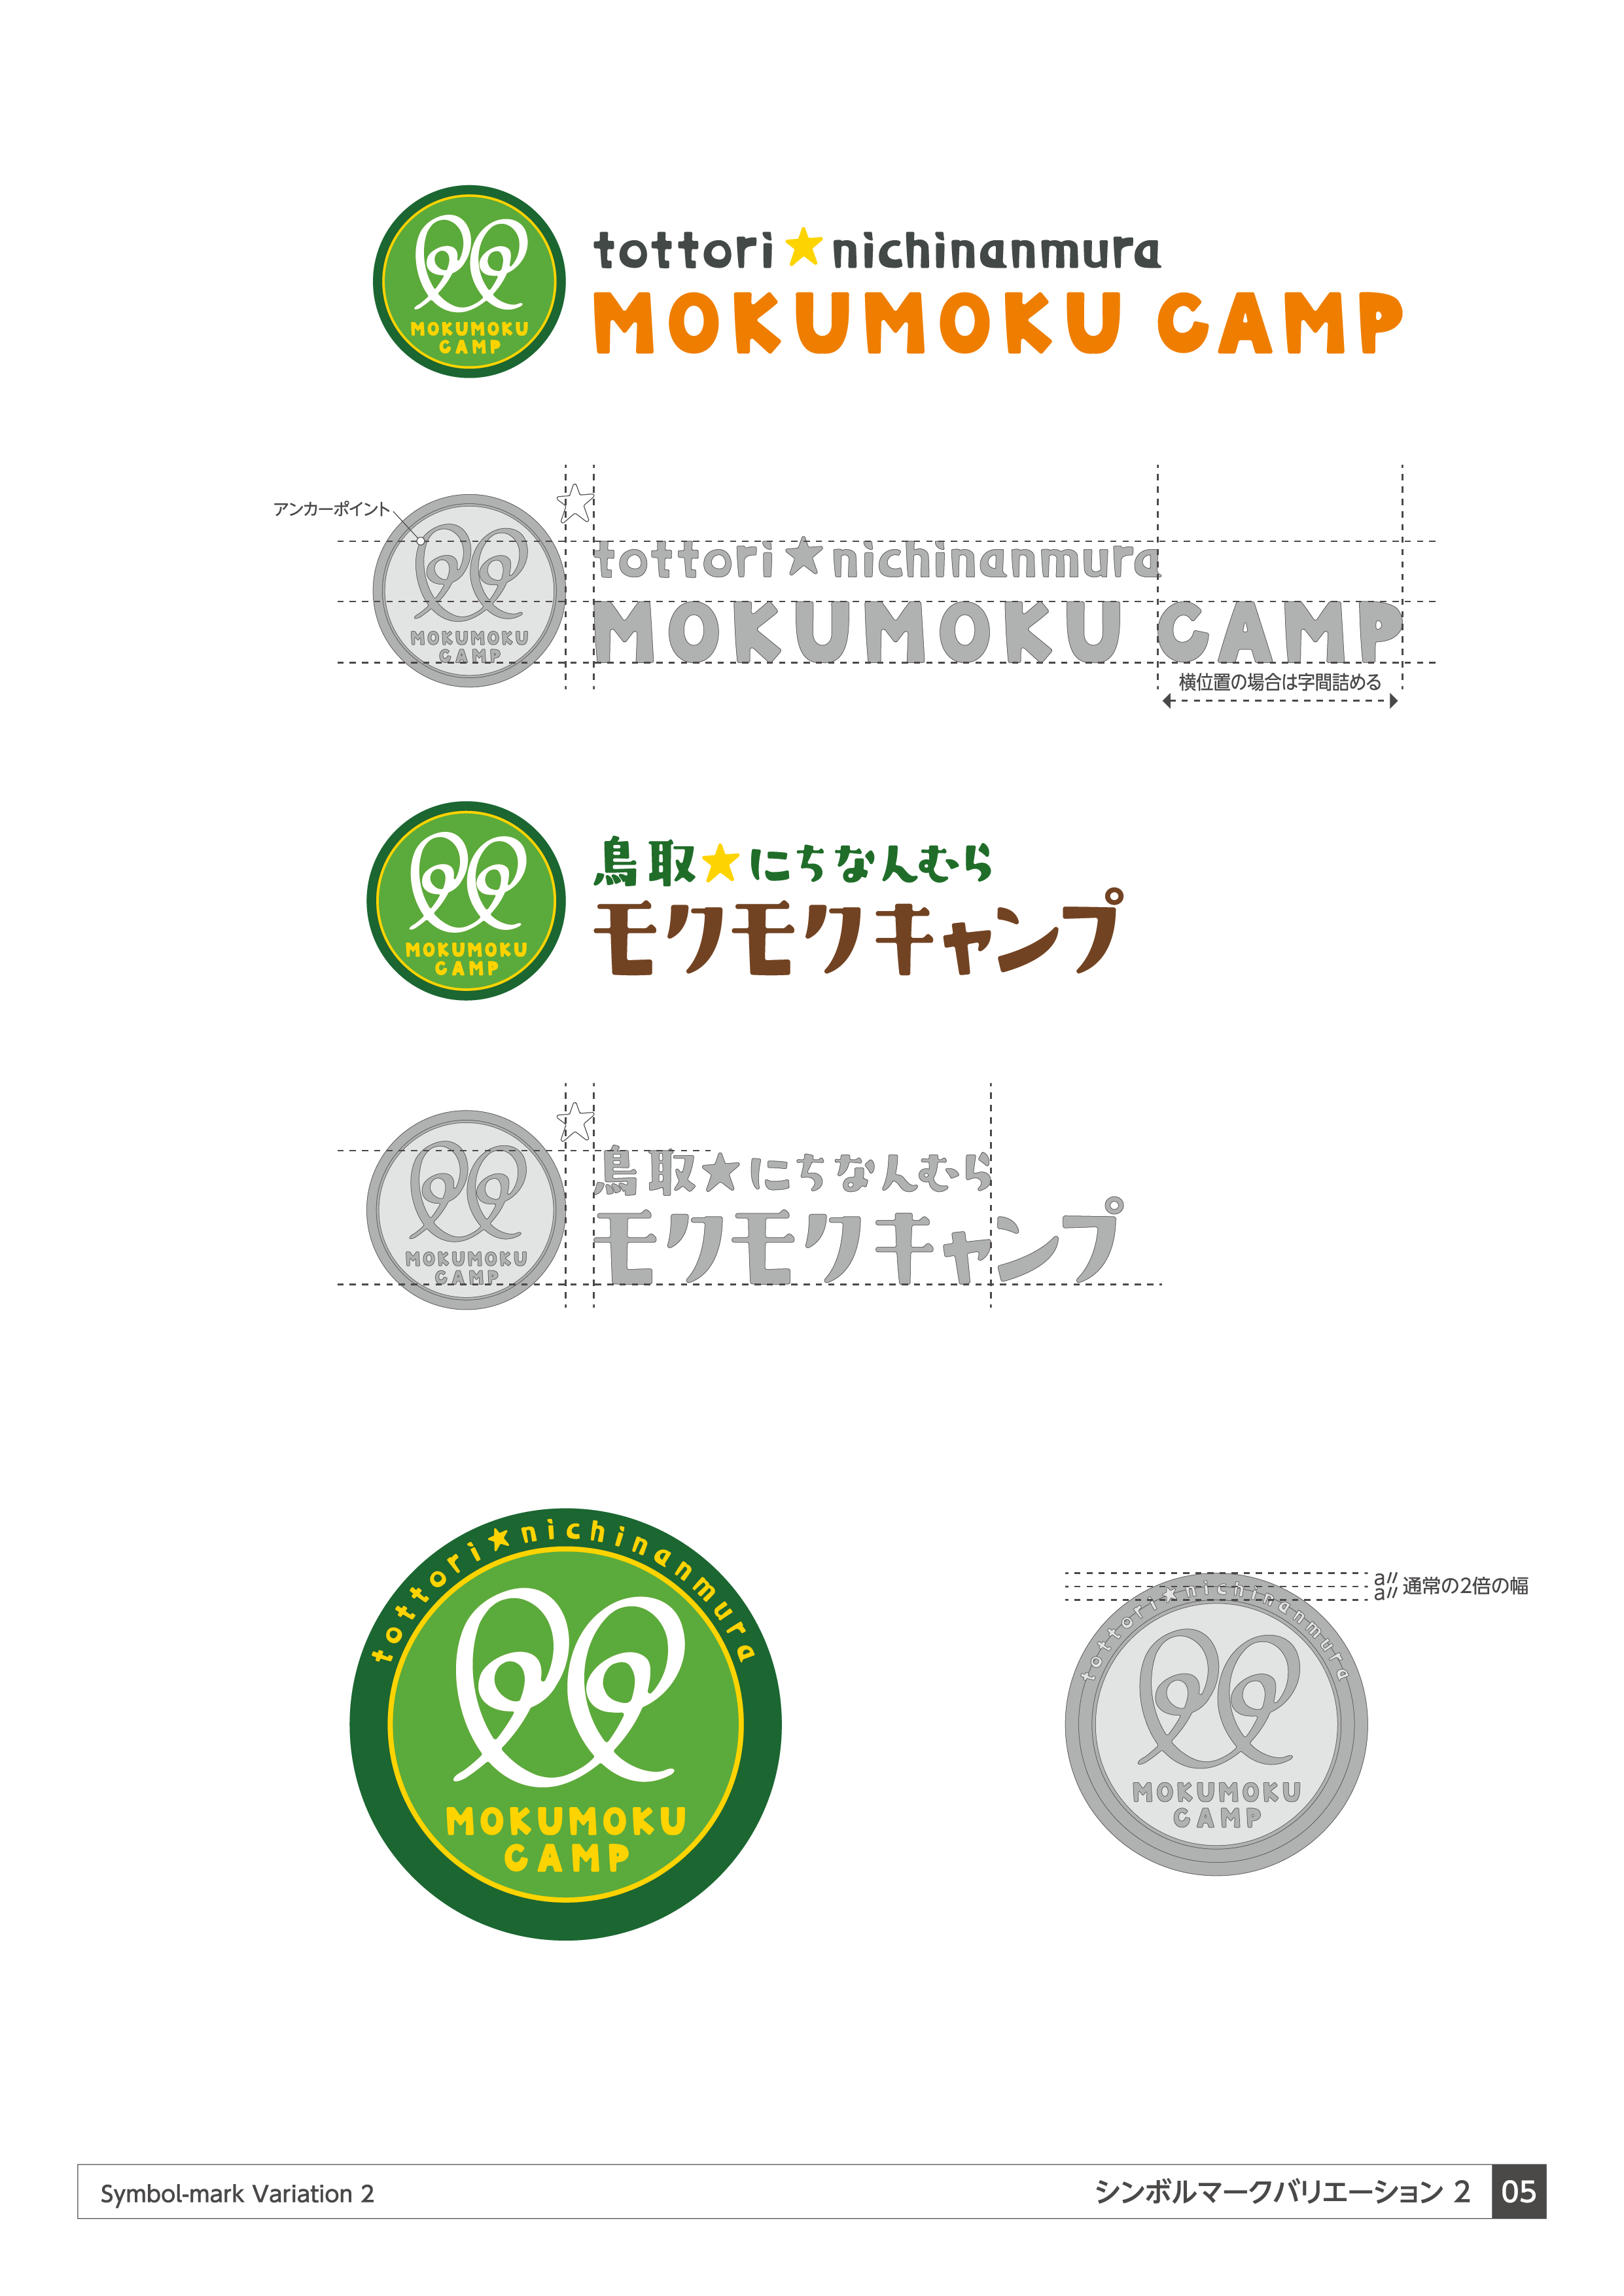 鳥取にちなんむらモクモクキャンプ-ロゴマーク06